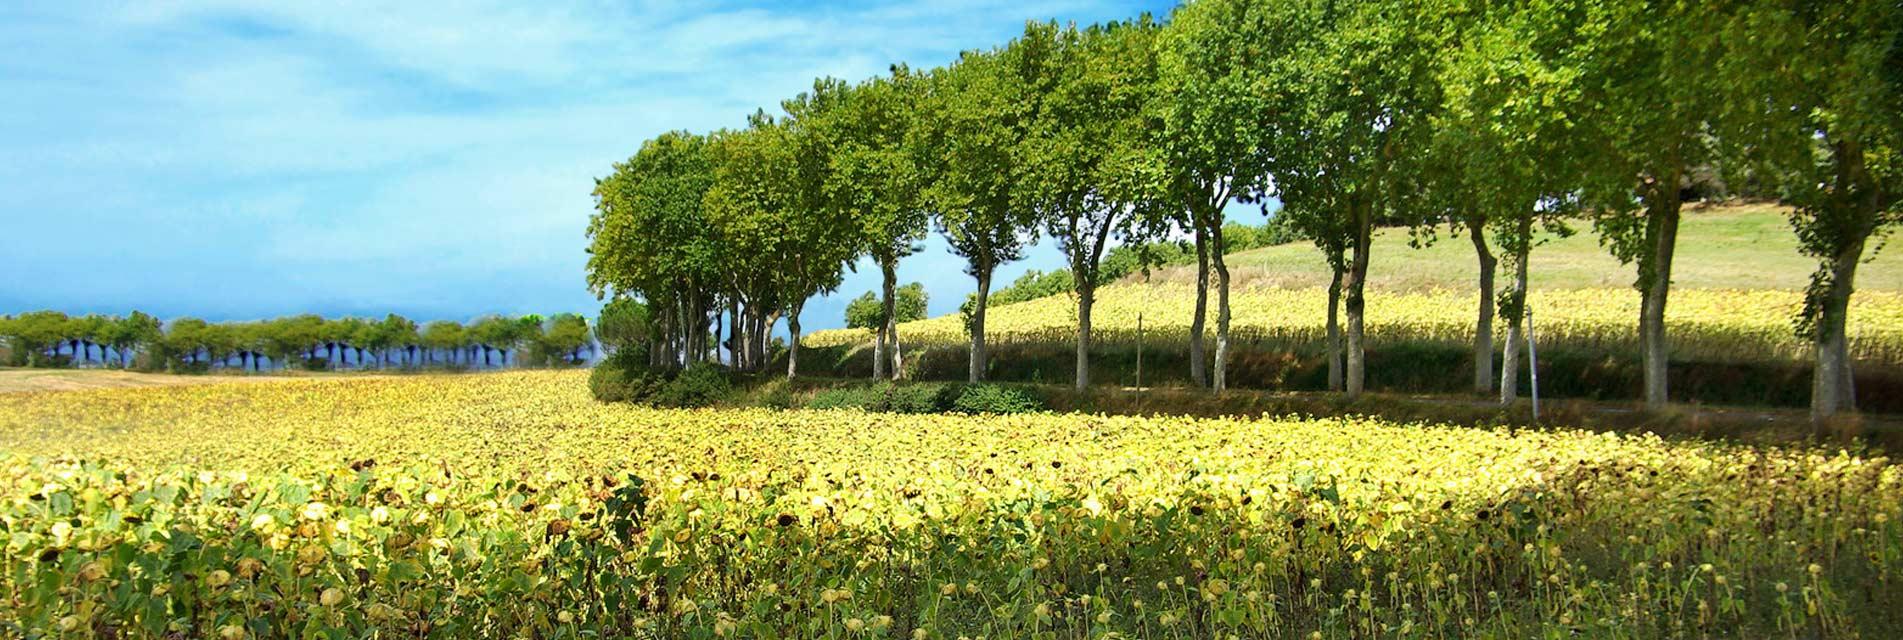 Le Pays de Cocagne dans le Tarn en Occitanie